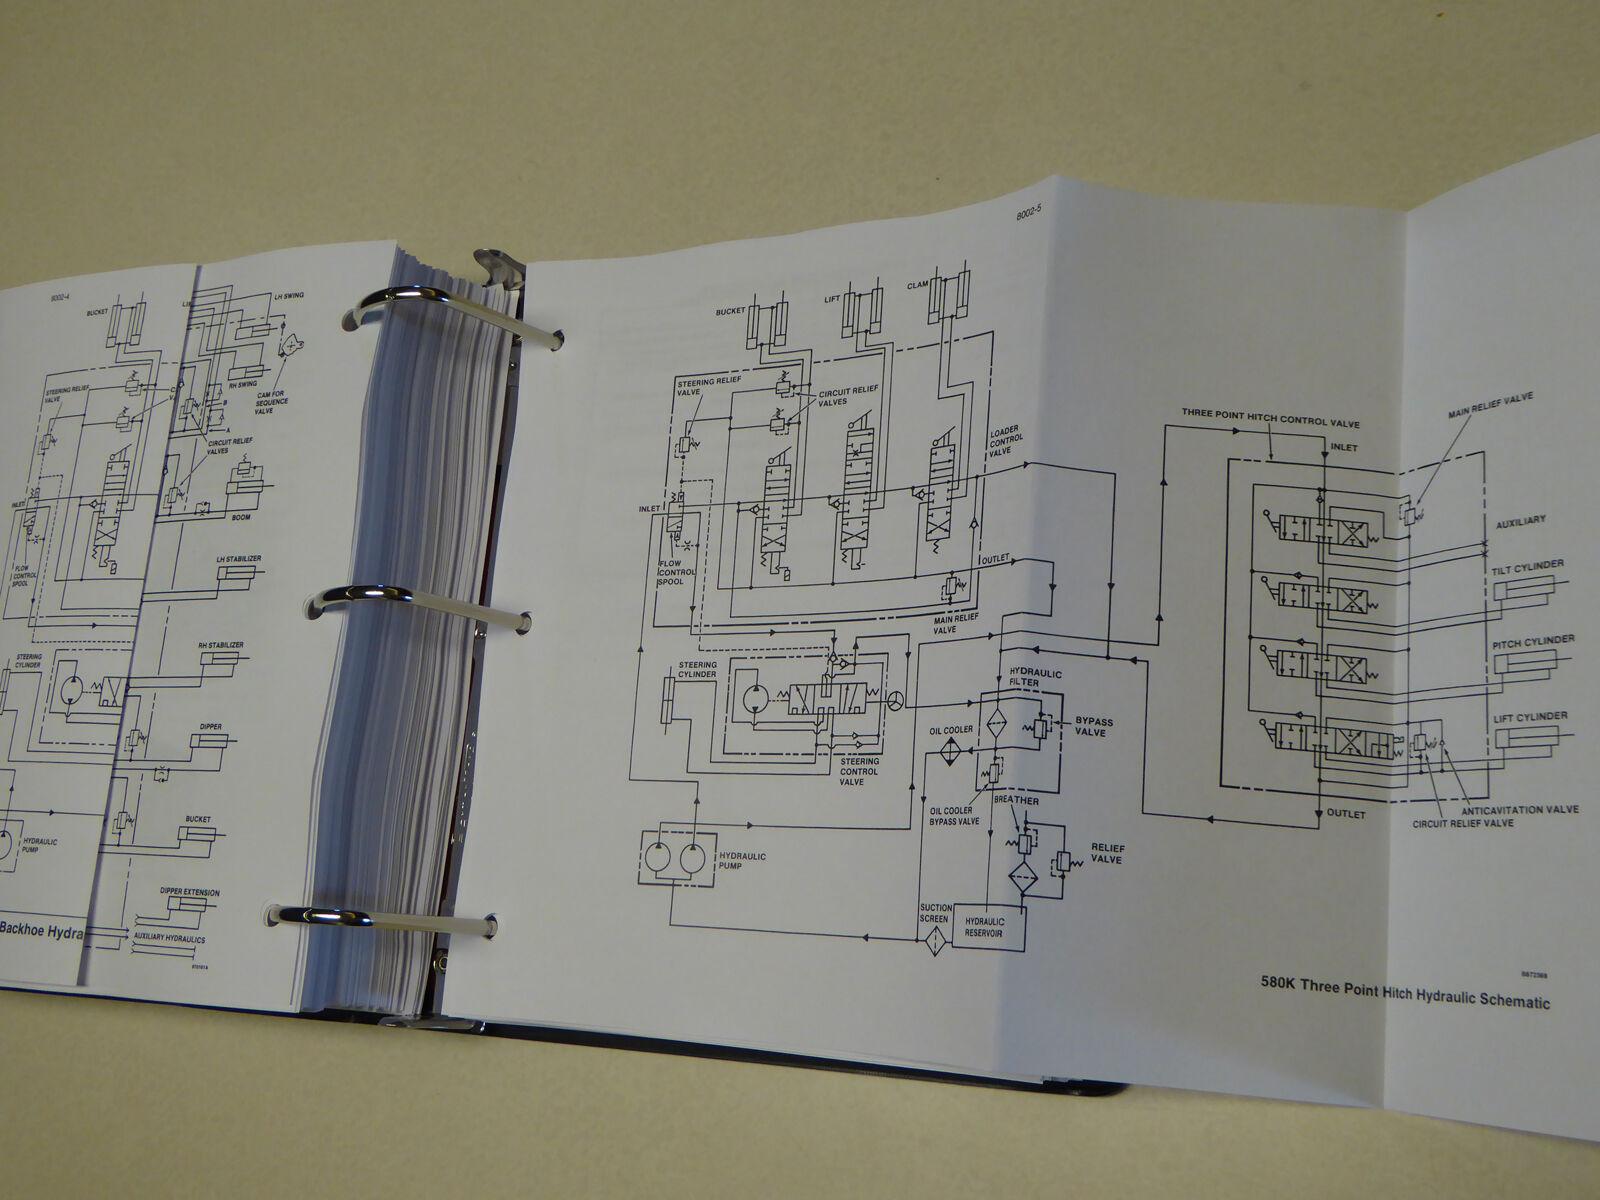 Case 580k (phase 1) Loader Backhoe Service Manual Repair Shop Book W/binder  | eBay